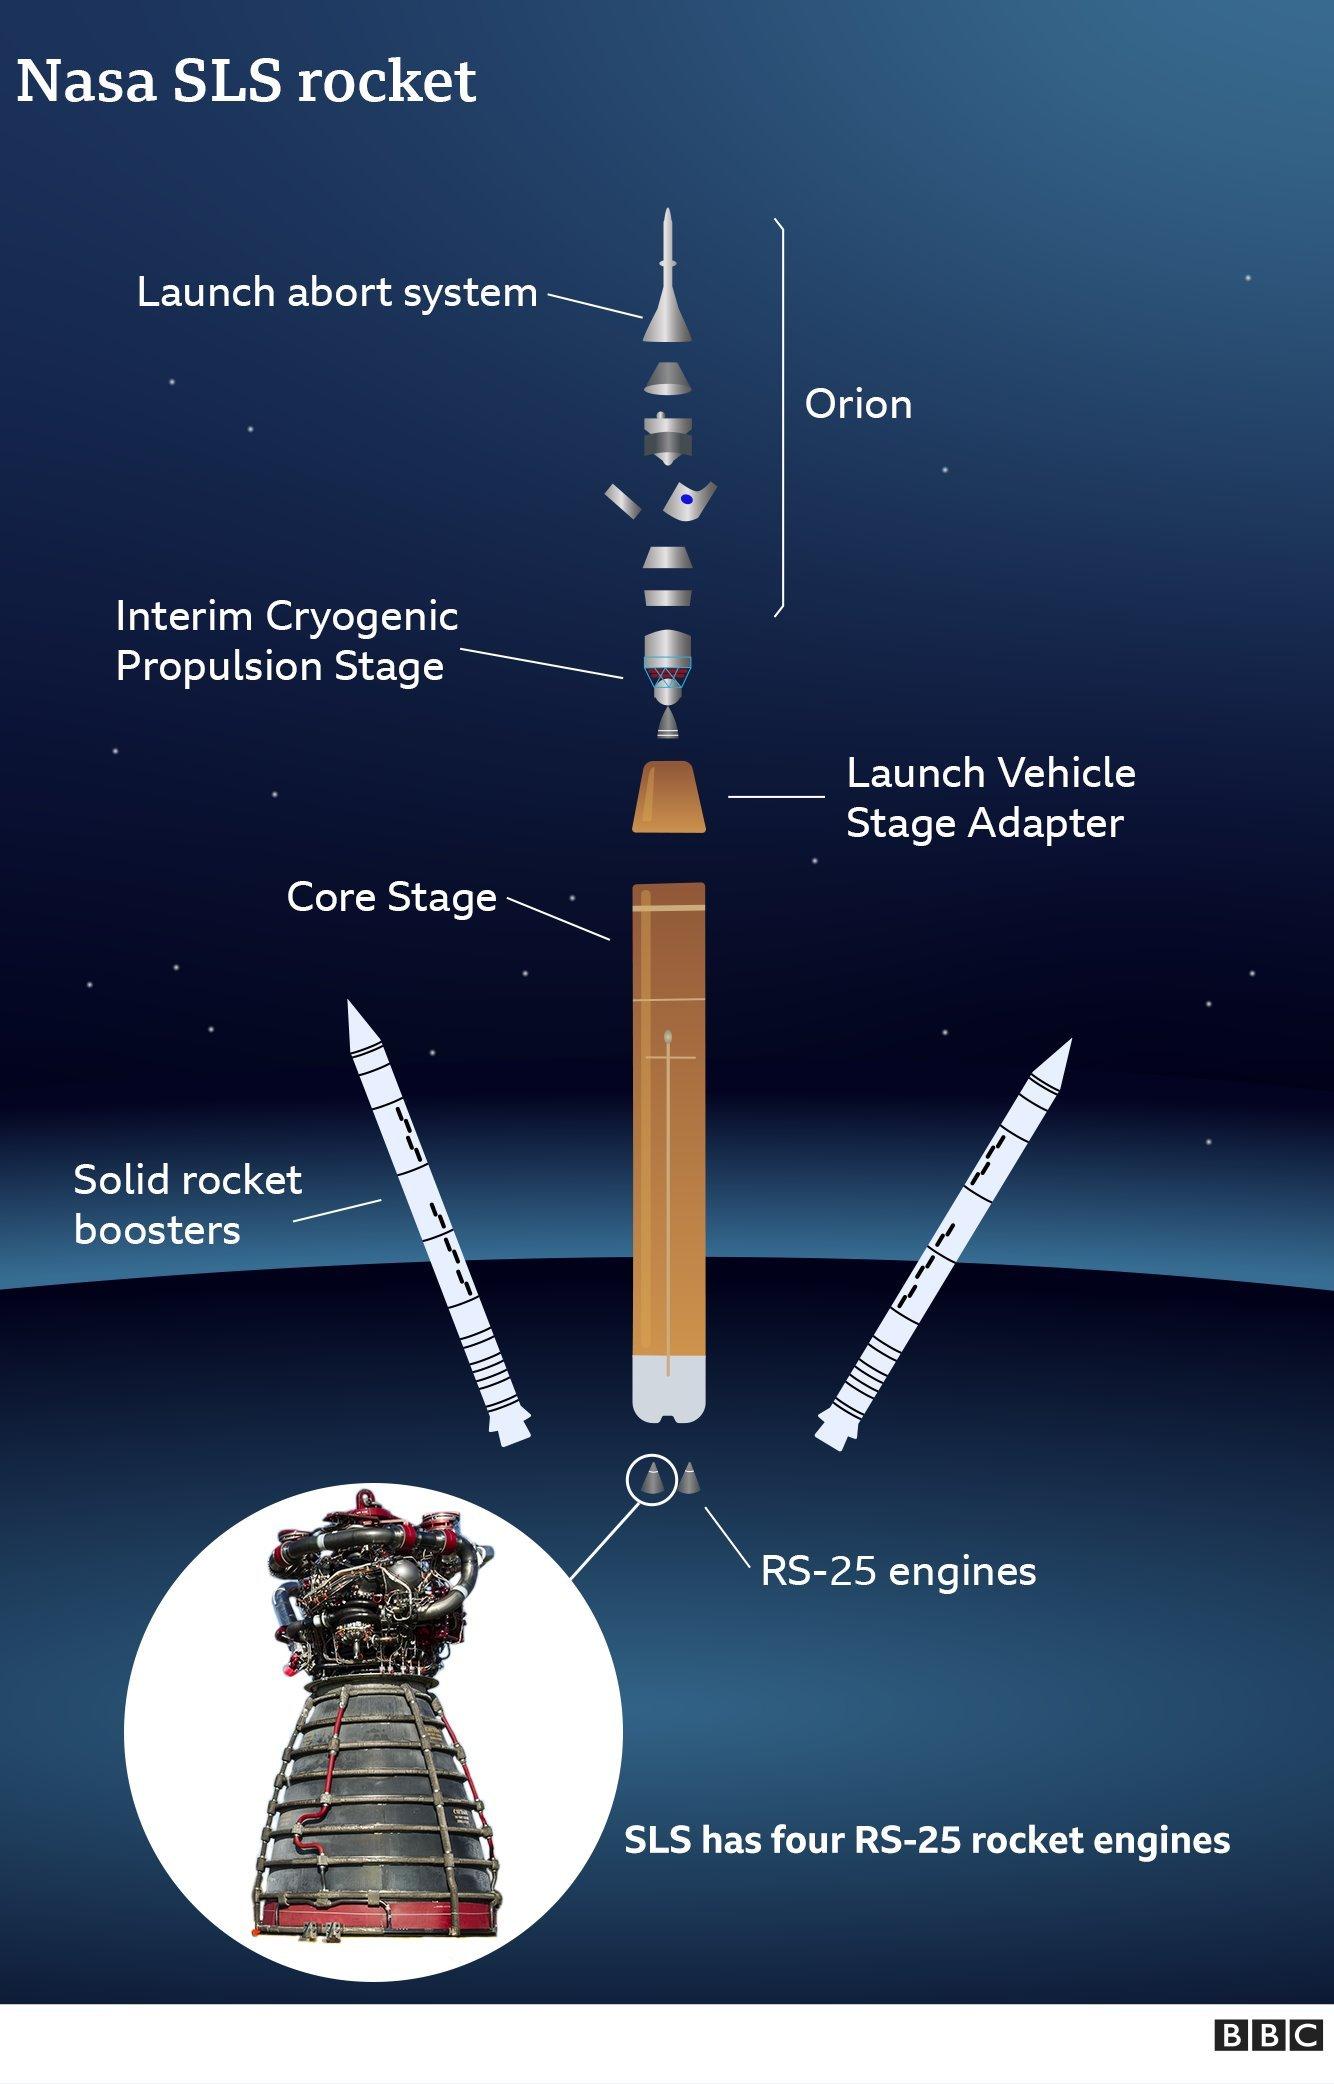 مكونات المركبة مع صواريخ الدفع